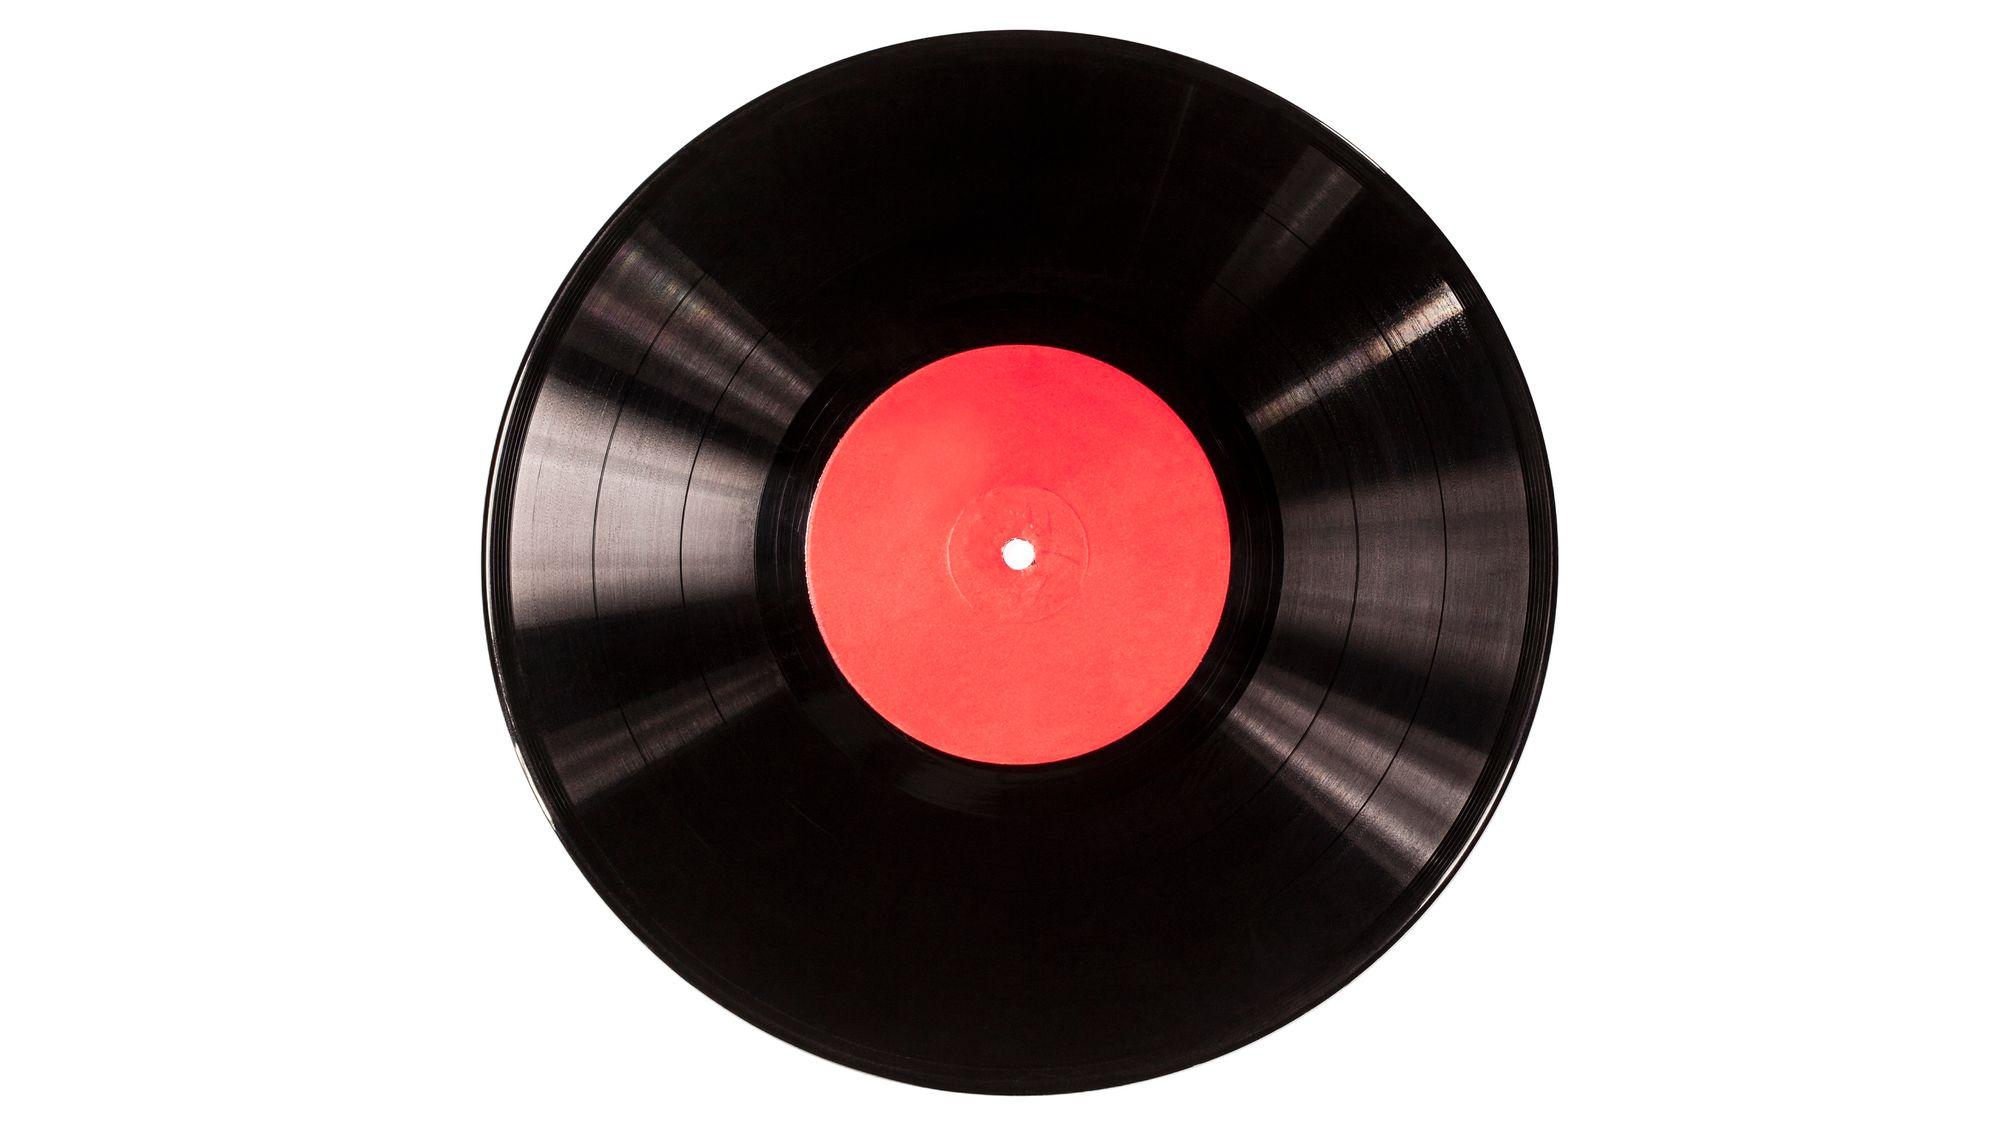 Wonderful Hva er det med vinylen som fortsatt fenger? - Tu.no GK-58